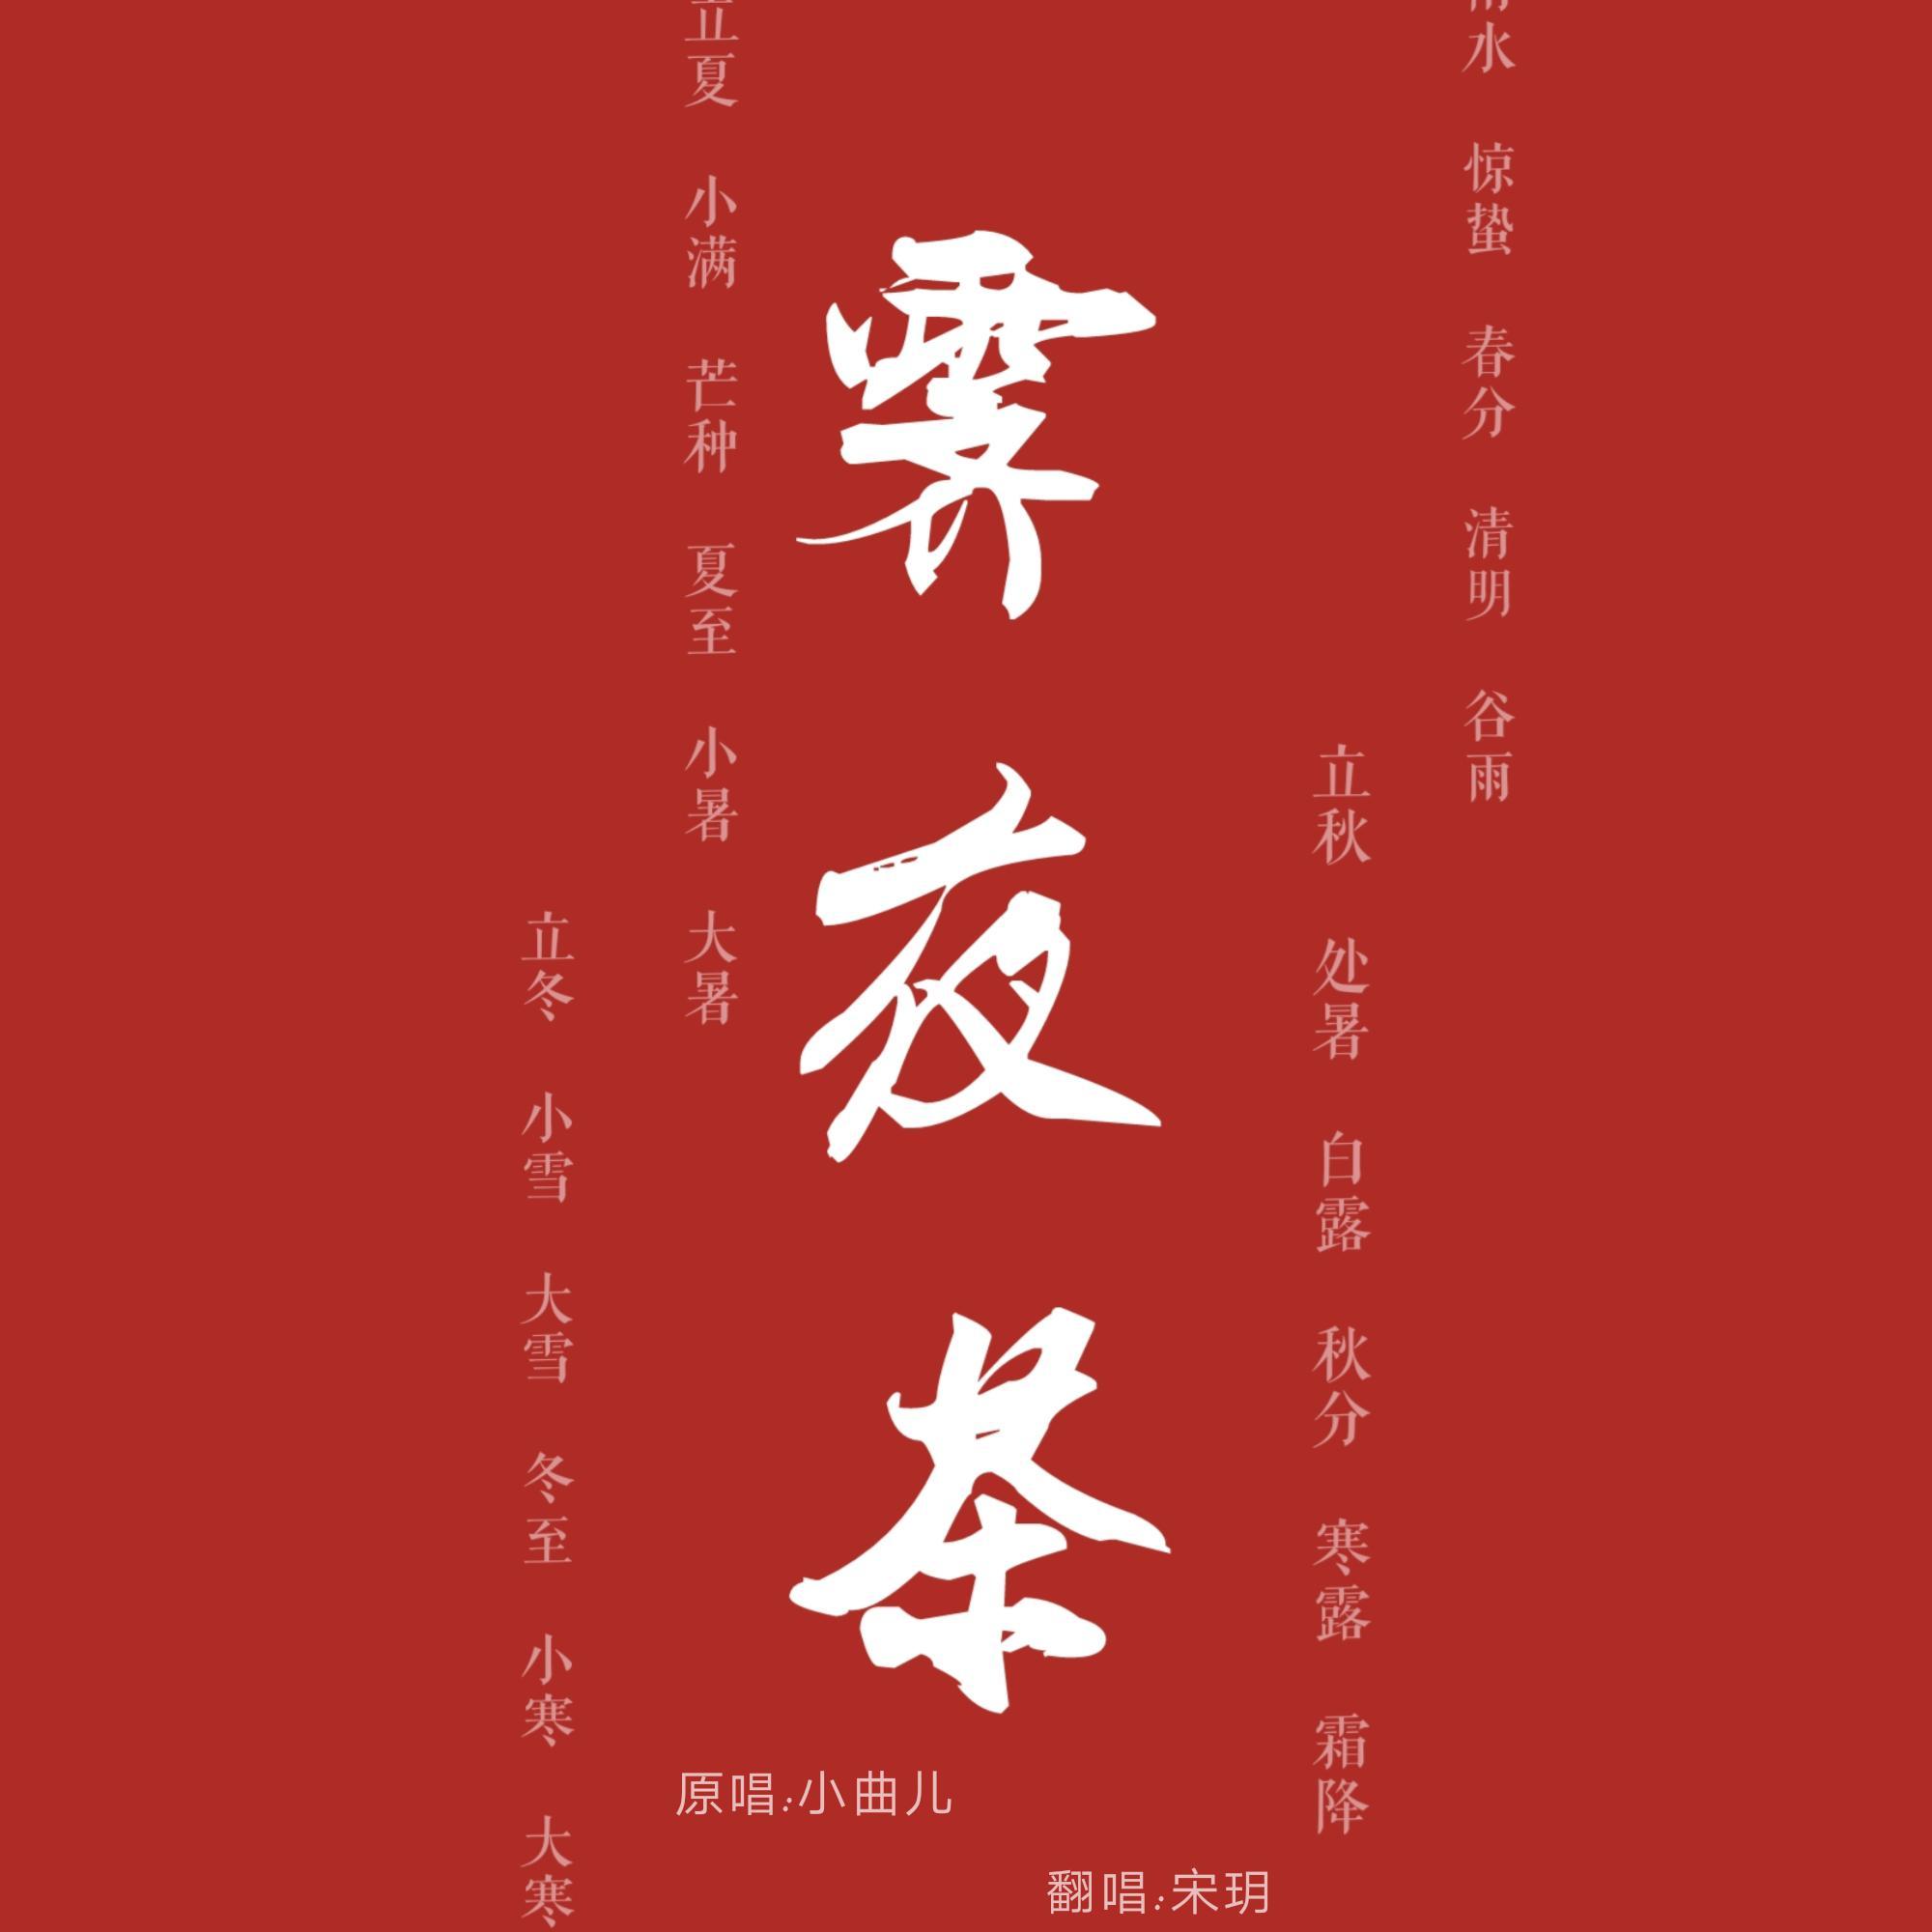 霁夜茶(cover:小曲儿)